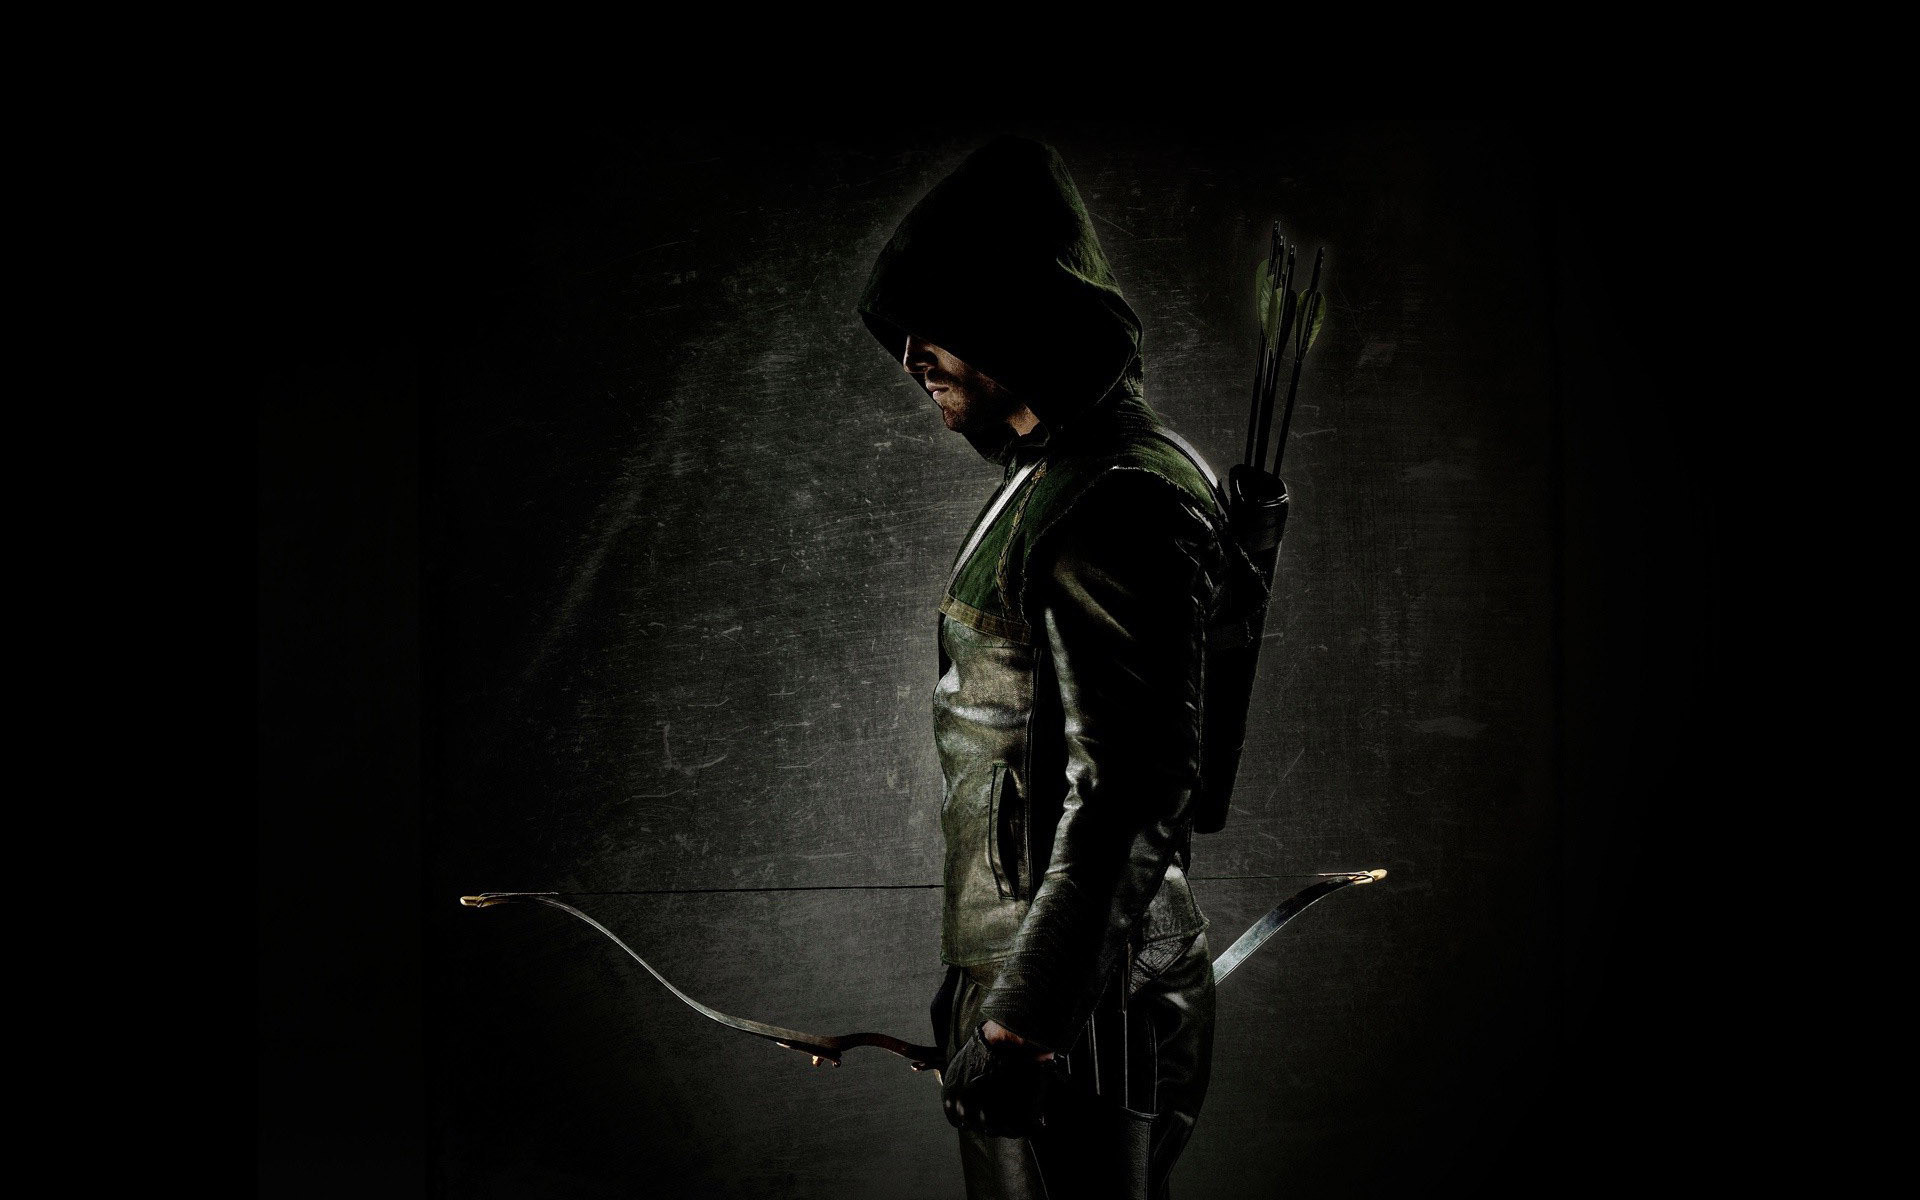 Green Arrow HD Wallpapers for desktop download